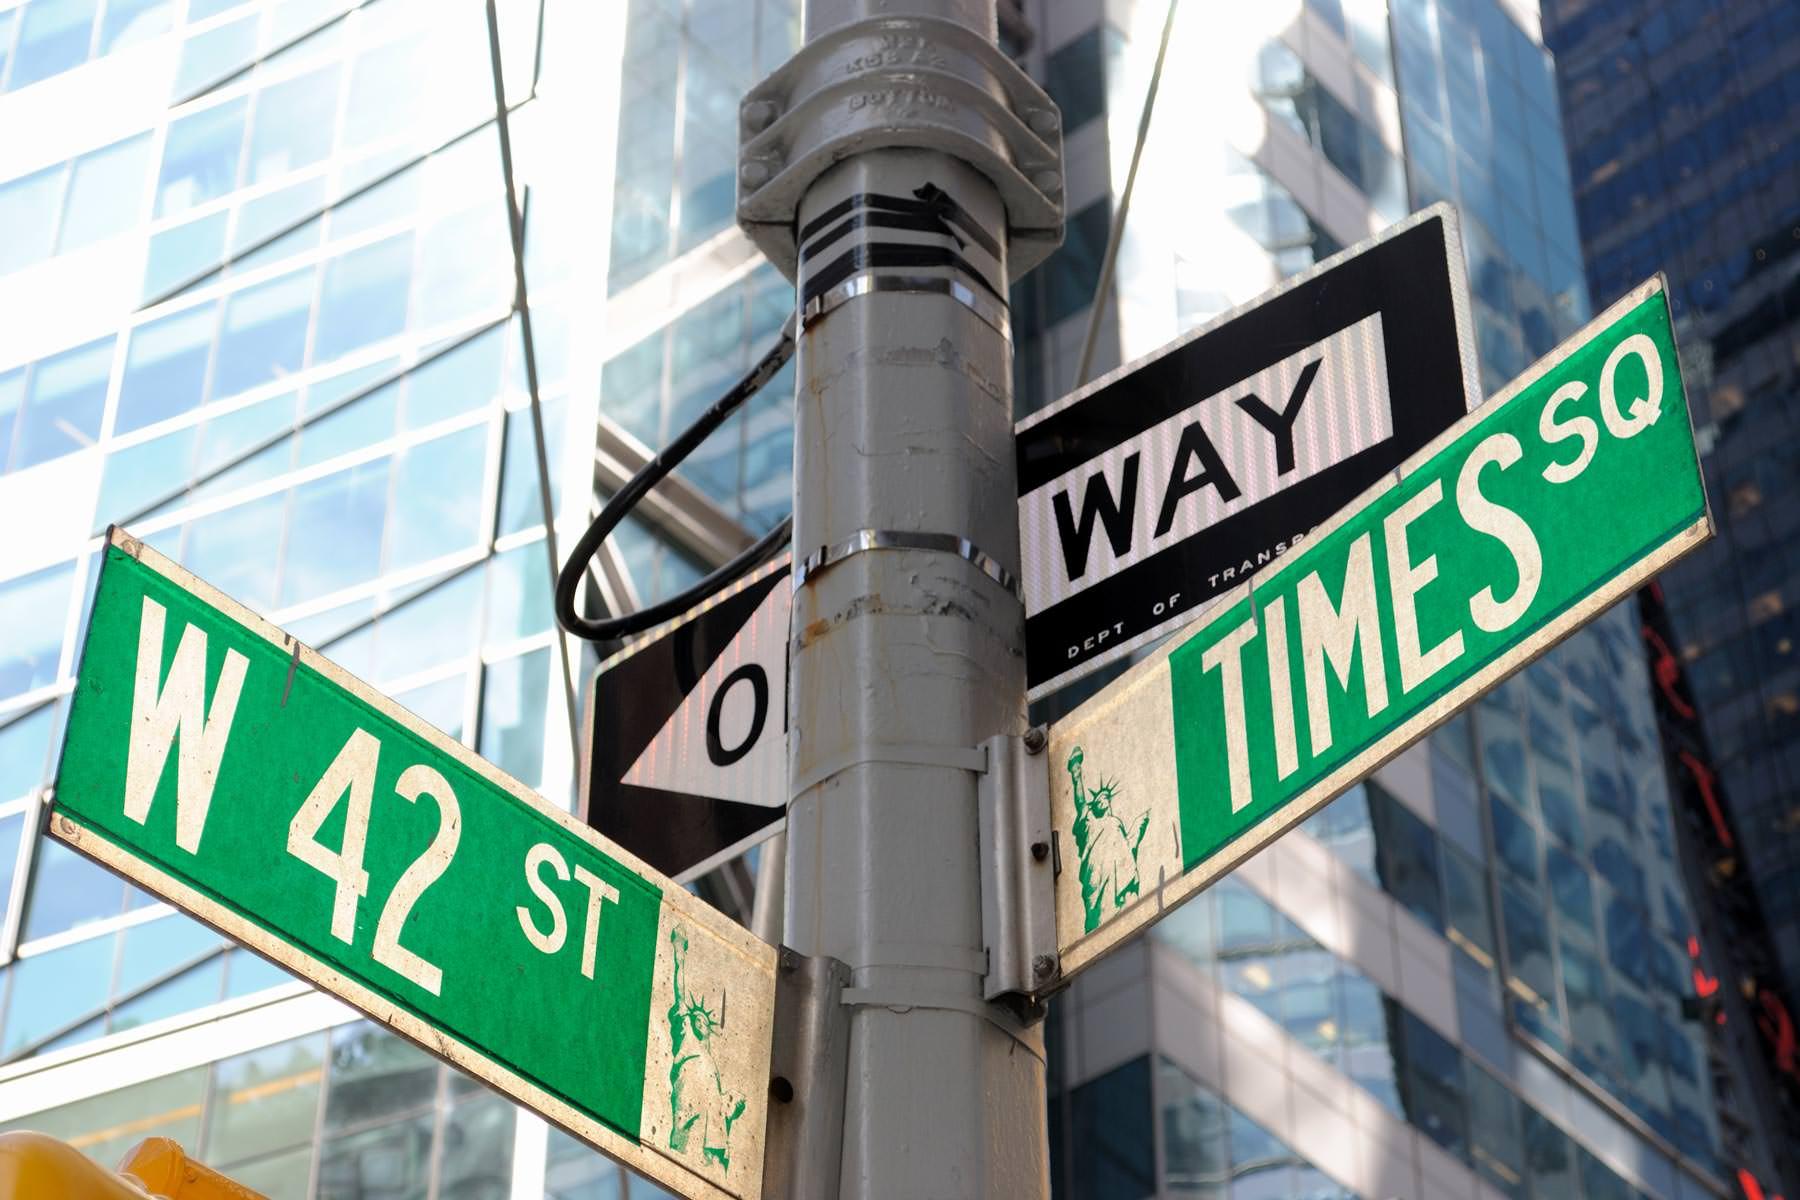 New york hoteis e roteiros de viagem